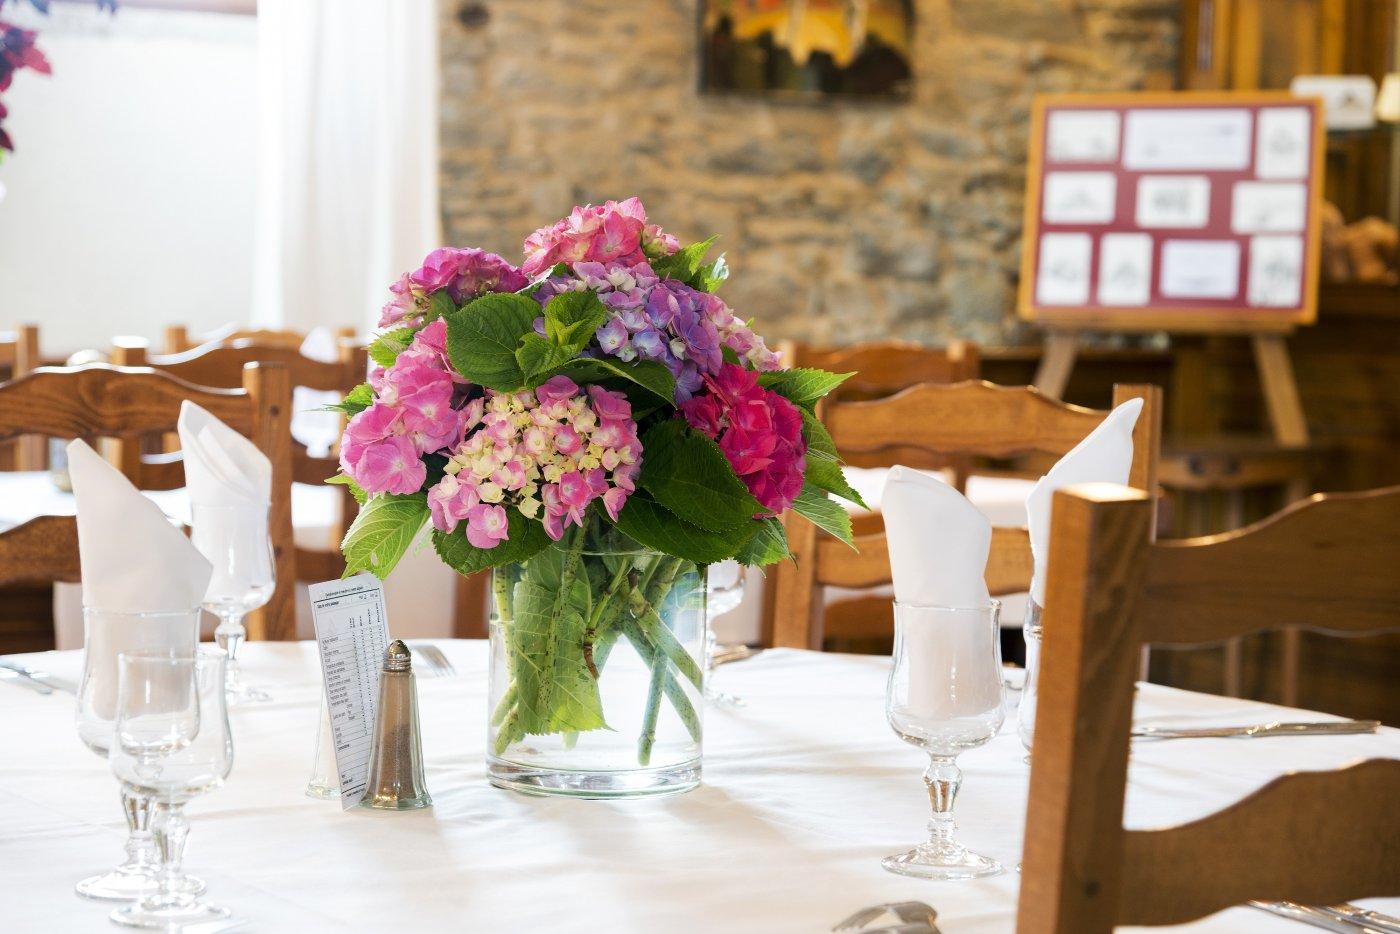 ferme-mont-saint-michel-reserve-a-sa-clientele-un-accueil-chaleureux-et-convivial